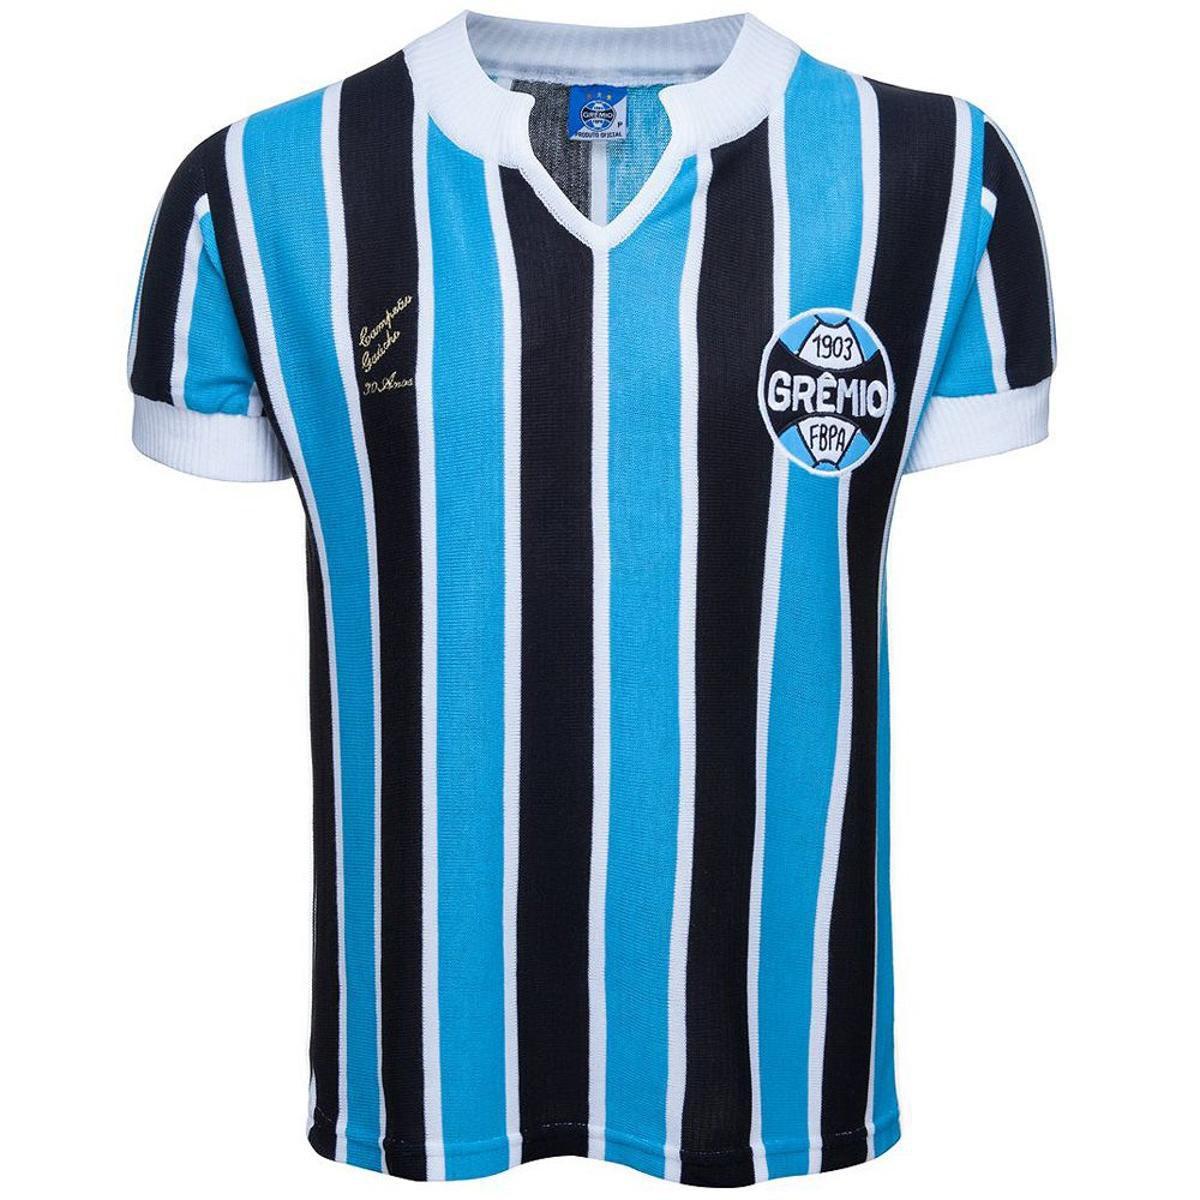 53371efd9a449 Camisa Retrô Grêmio 1977 Masculina - Azul e Preto - Compre Agora ...